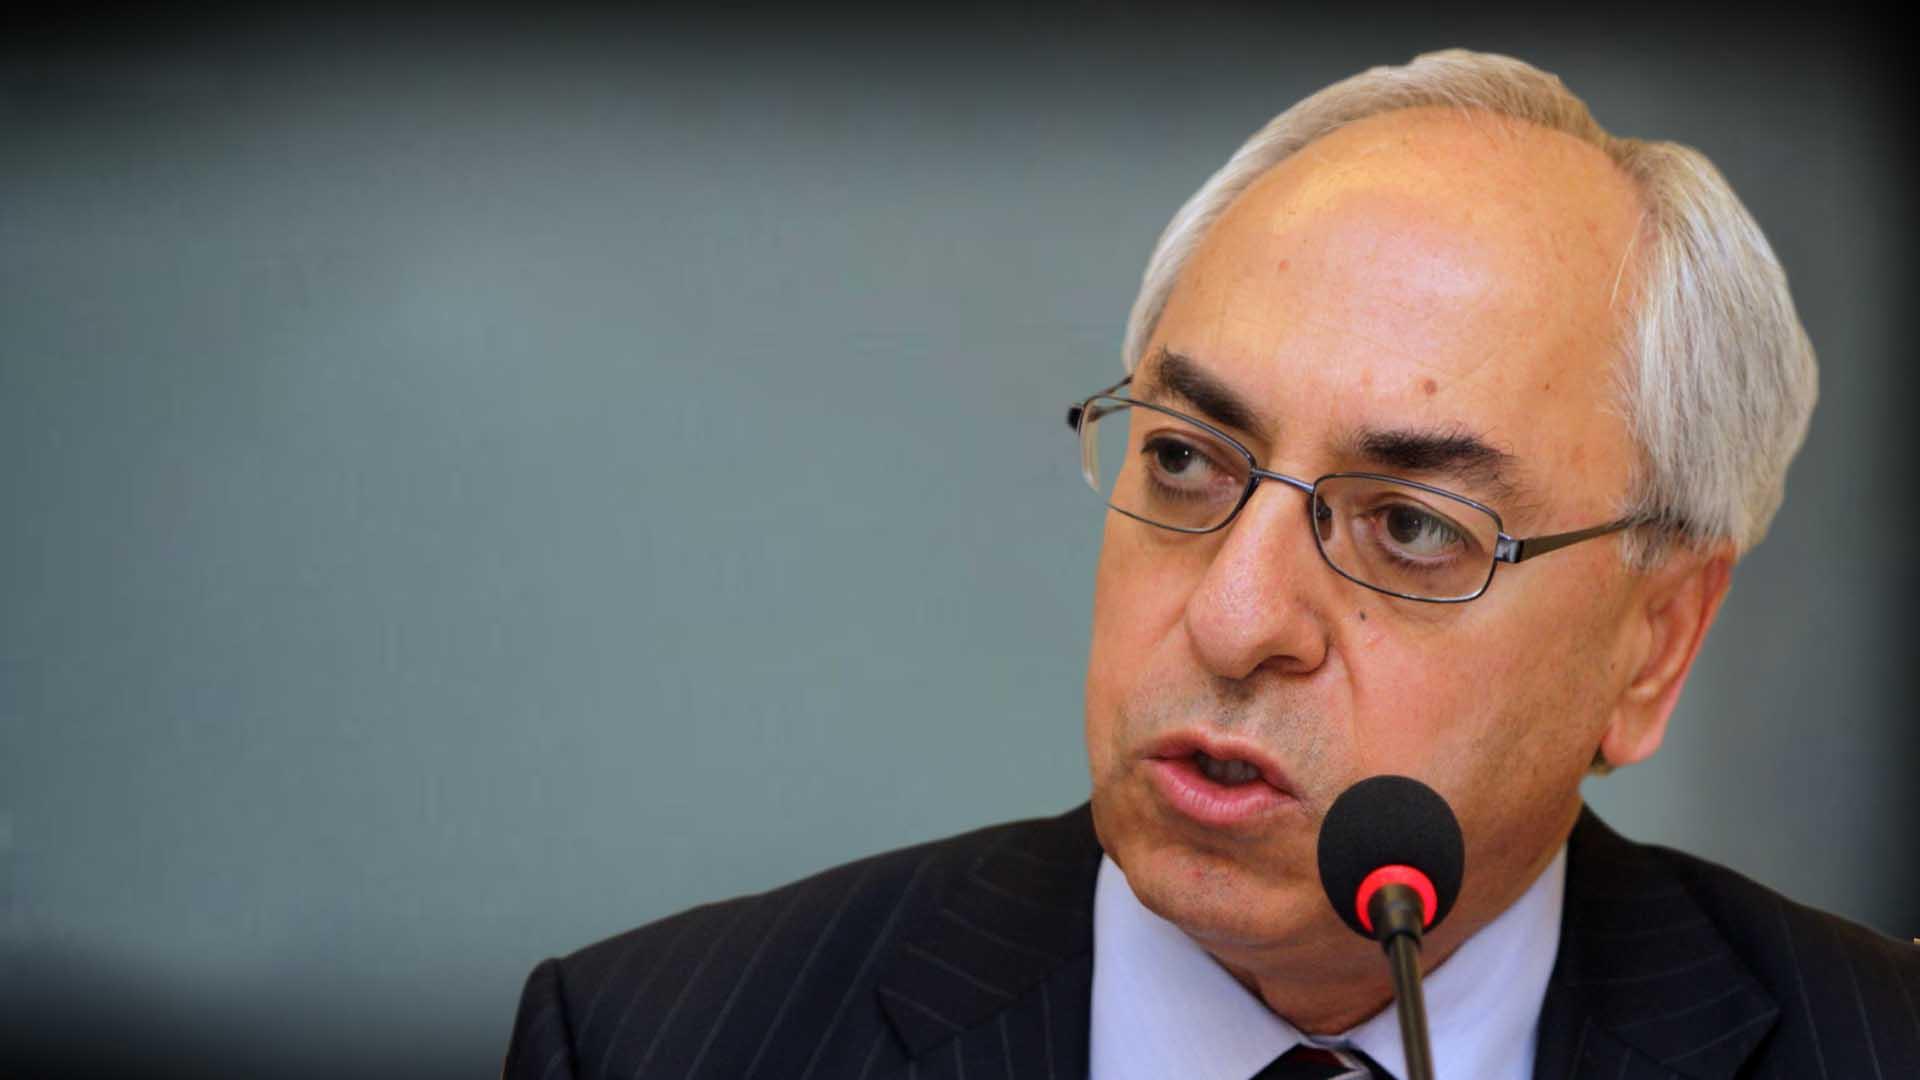 عبد الباسط سيدا: الروس يستعدّون لإجراء الانتخابات الرئاسية في سورية وفق حساباتهم